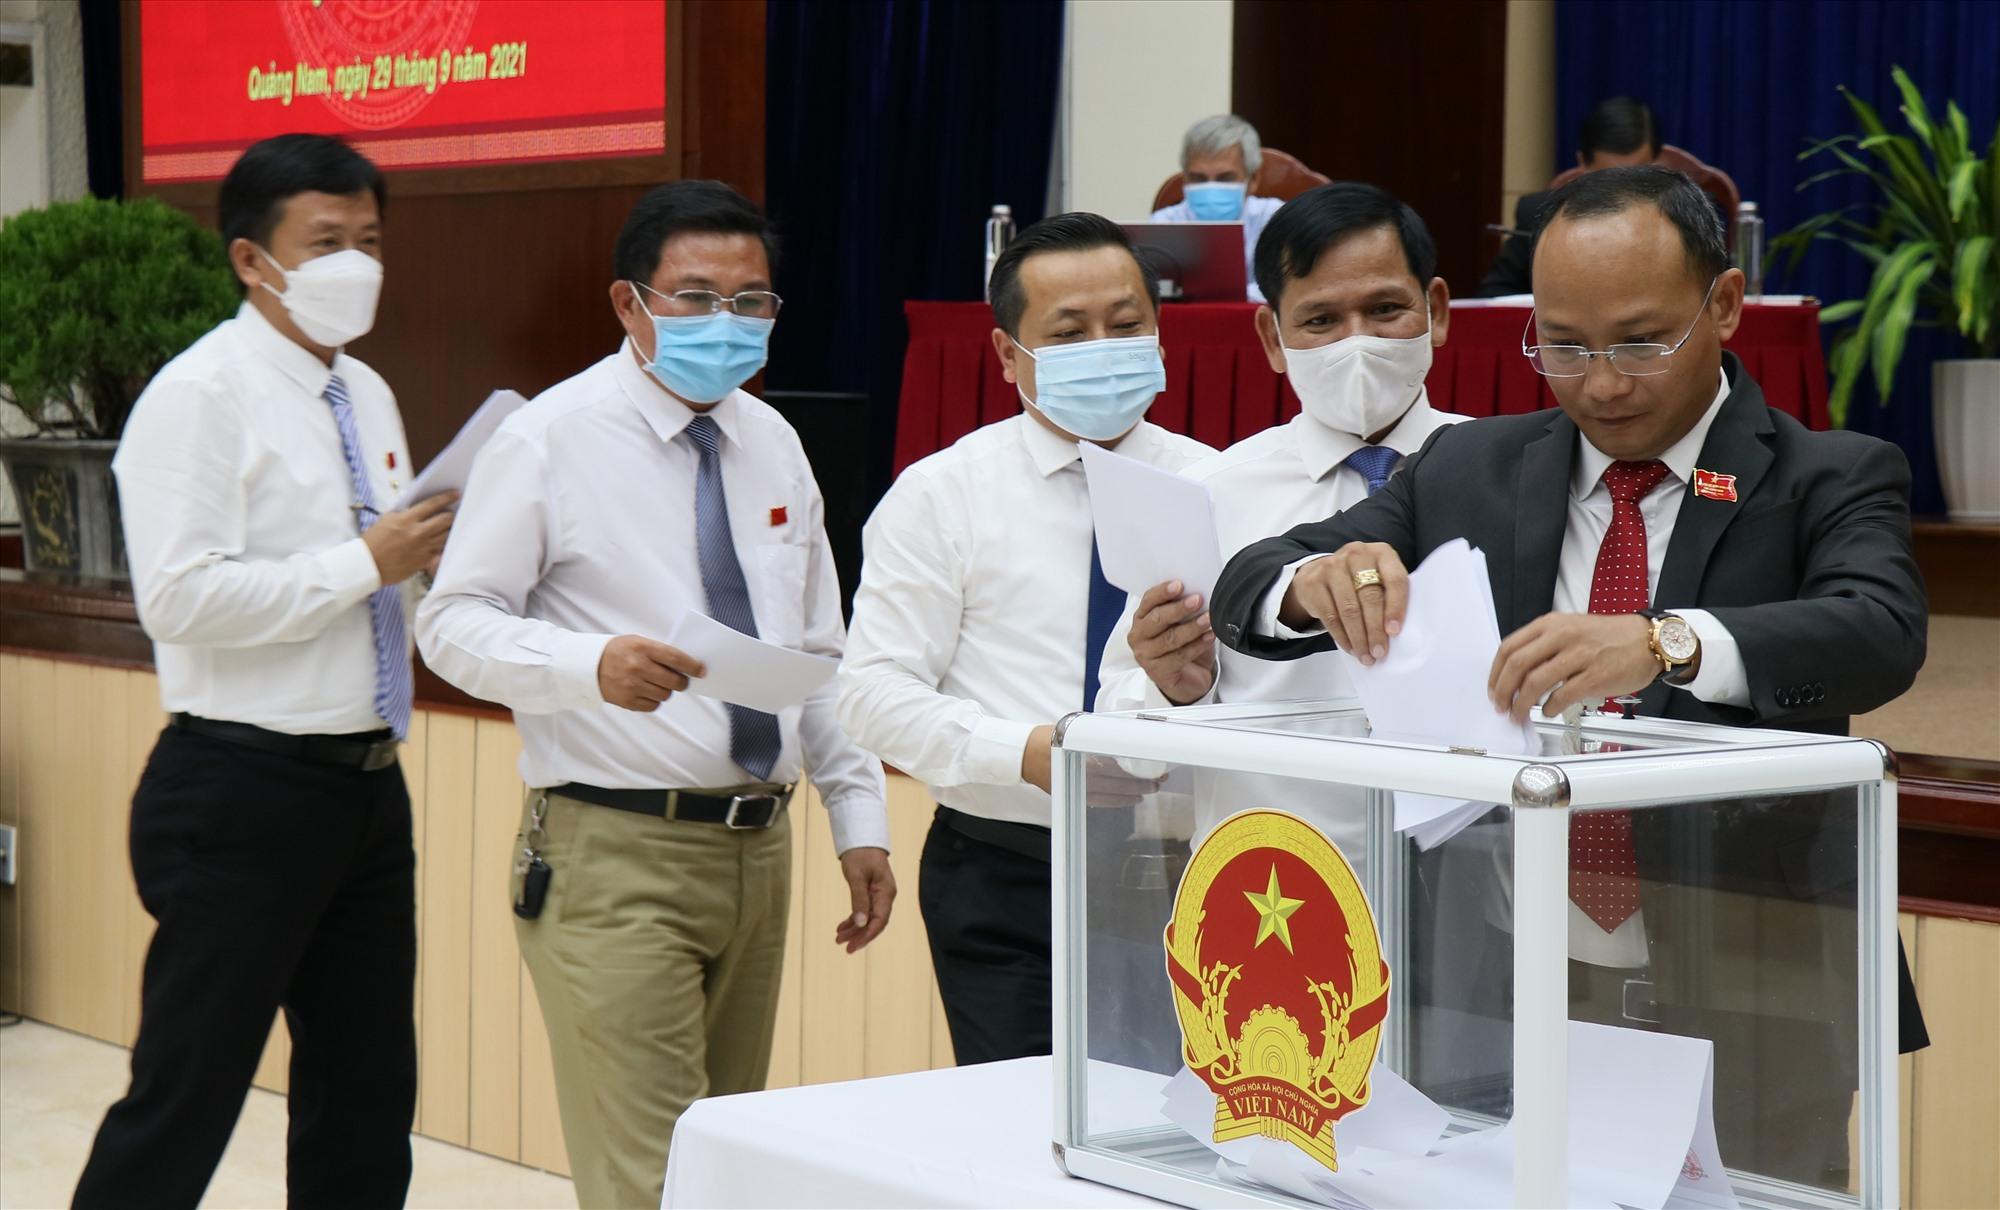 Đại biểu HĐND tỉnh bầu bổ sung chức danh Ủy viên UBND tỉnh nhiệm kỳ 2021 - 2026. Ảnh: N.Đ